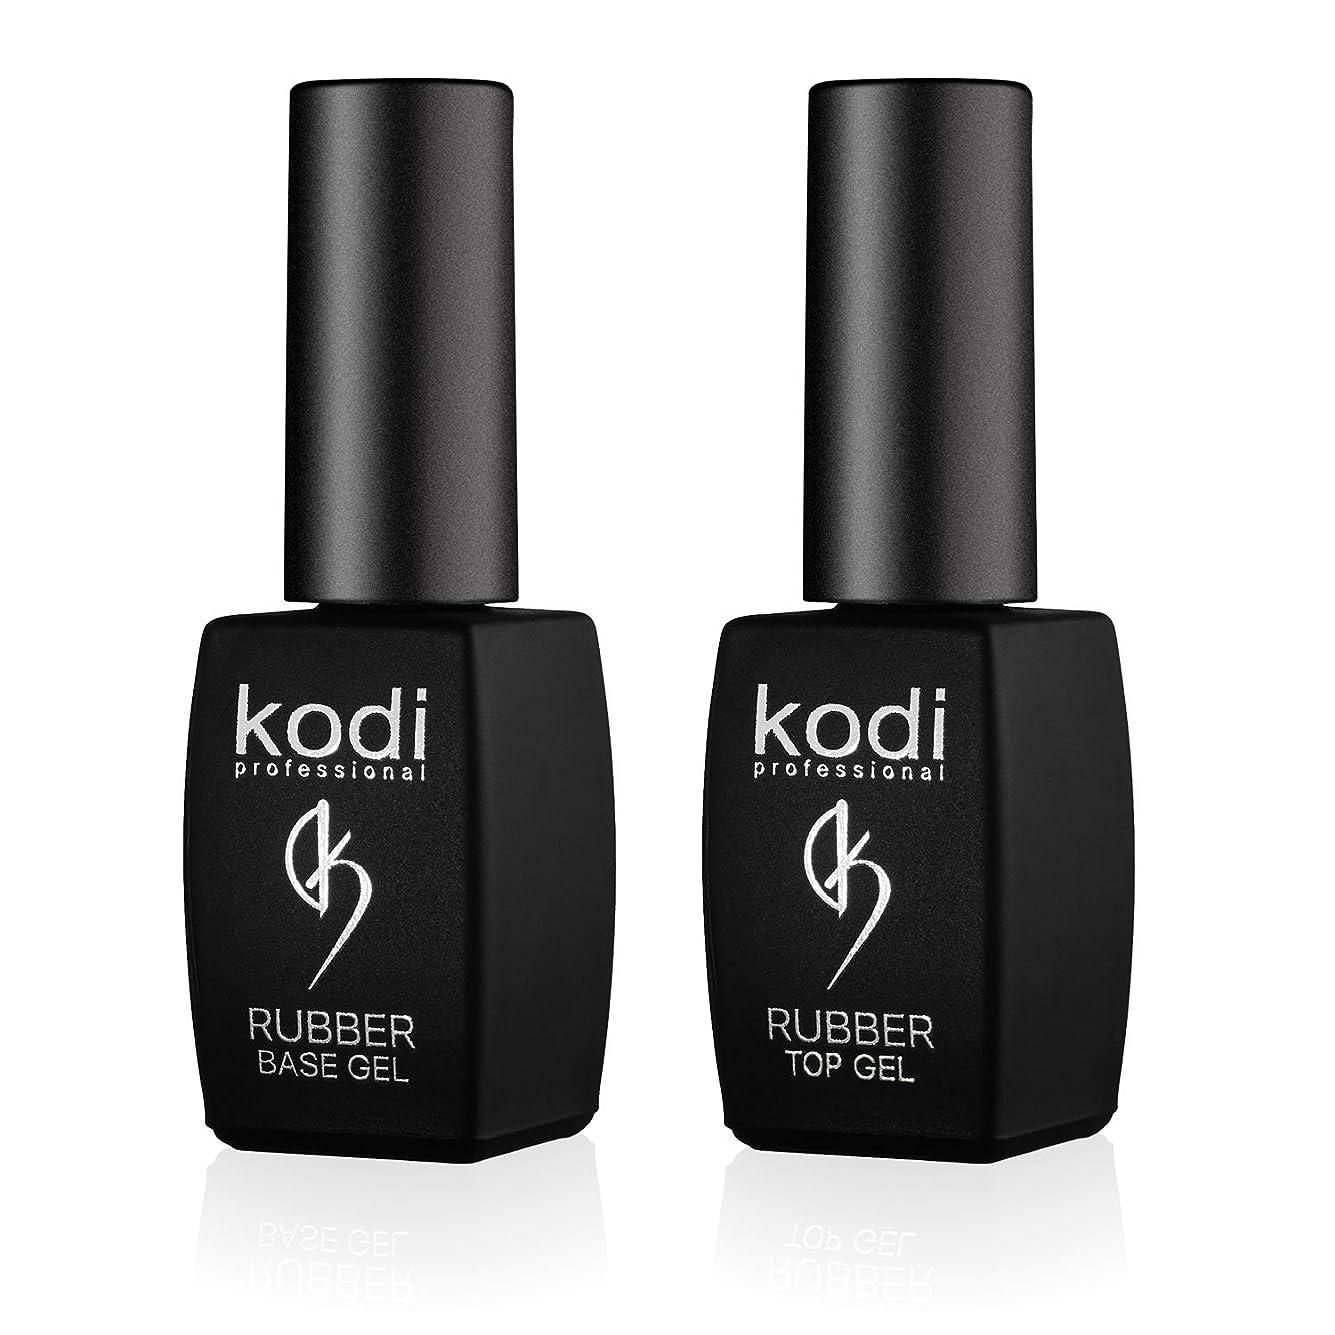 禁止するサージ経験Kodi プロフェッショナルラバートップ&ベースジェルセット  8ml 0.27オンス 爪のソークオフとポリッシュ コートキット 長持ちするネイルレイヤー 使いやすい、無毒&無香料  LEDまたはUVランプの下で硬化